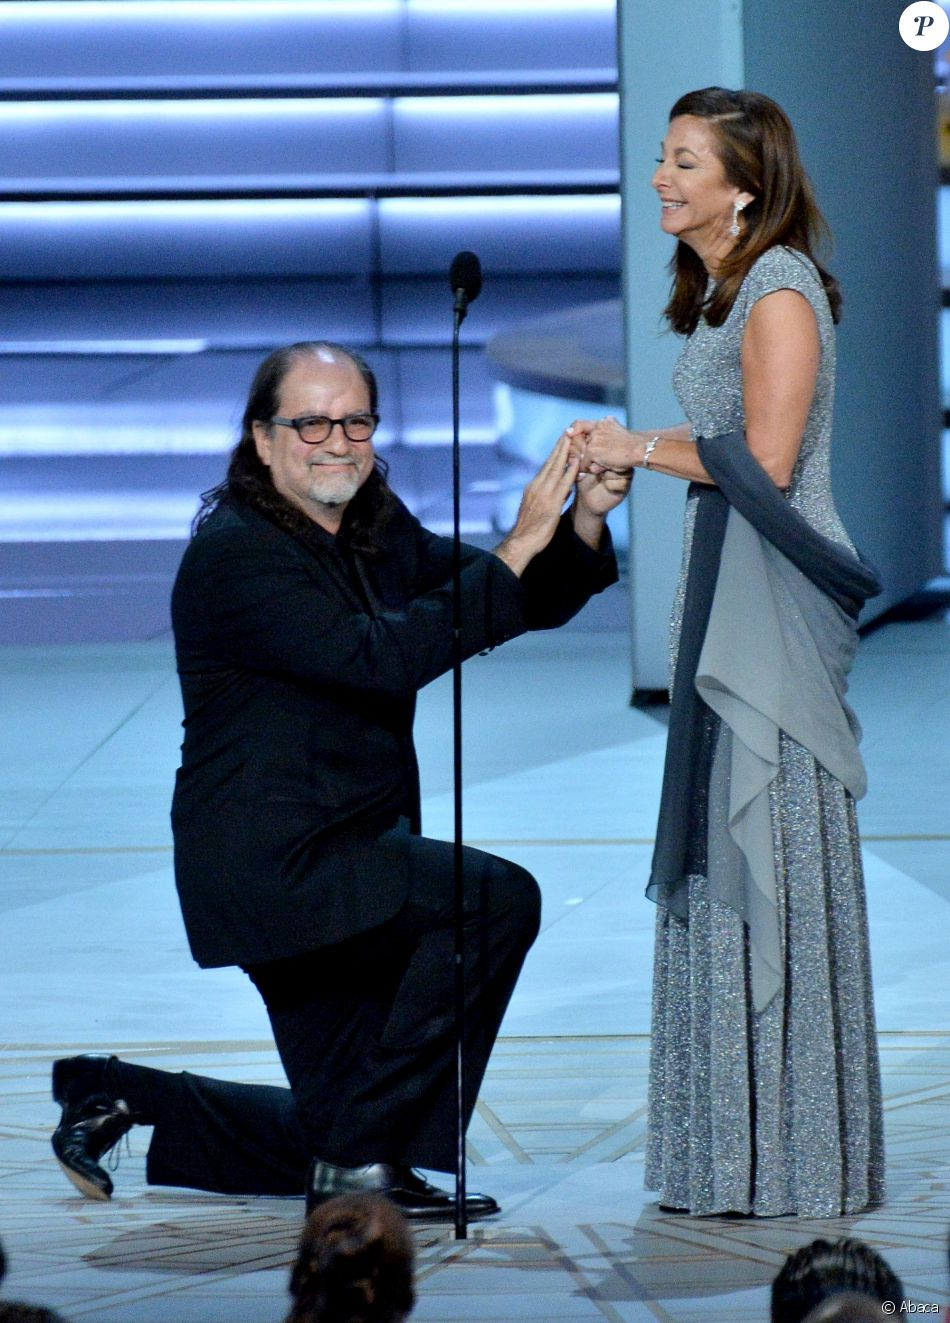 Glenn Weiss, récompensé, a demandé sa compagne Jan Svendsen en mariage lors de la 70e cérémonie des Emmy Awards au Microsoft Theater de Los Angeles, le 17 septembre 2018